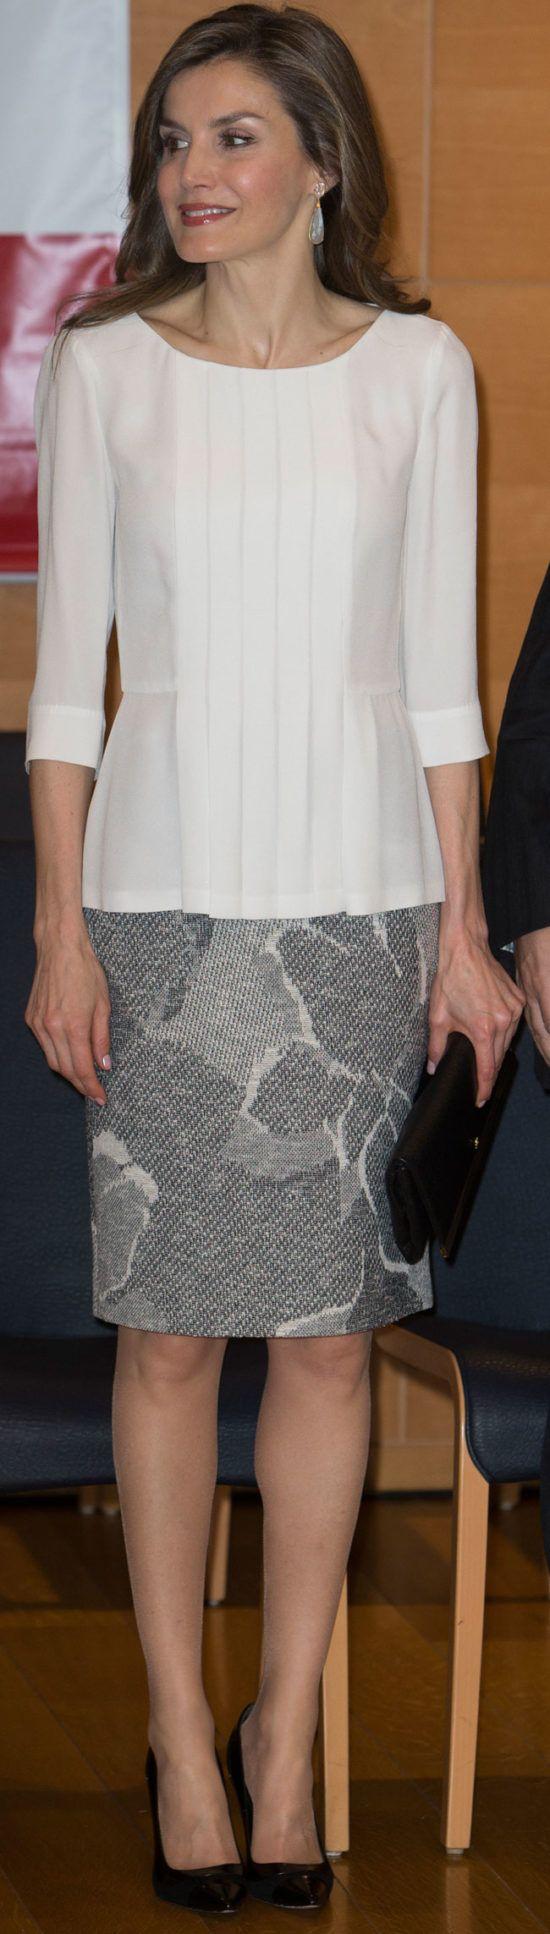 La Reina Letizia finaliza su presencia en Girona con un look aburrido en blanco y negro, con piezas muy vistas de Hugo Boss. Eso sí, estrena bolso...